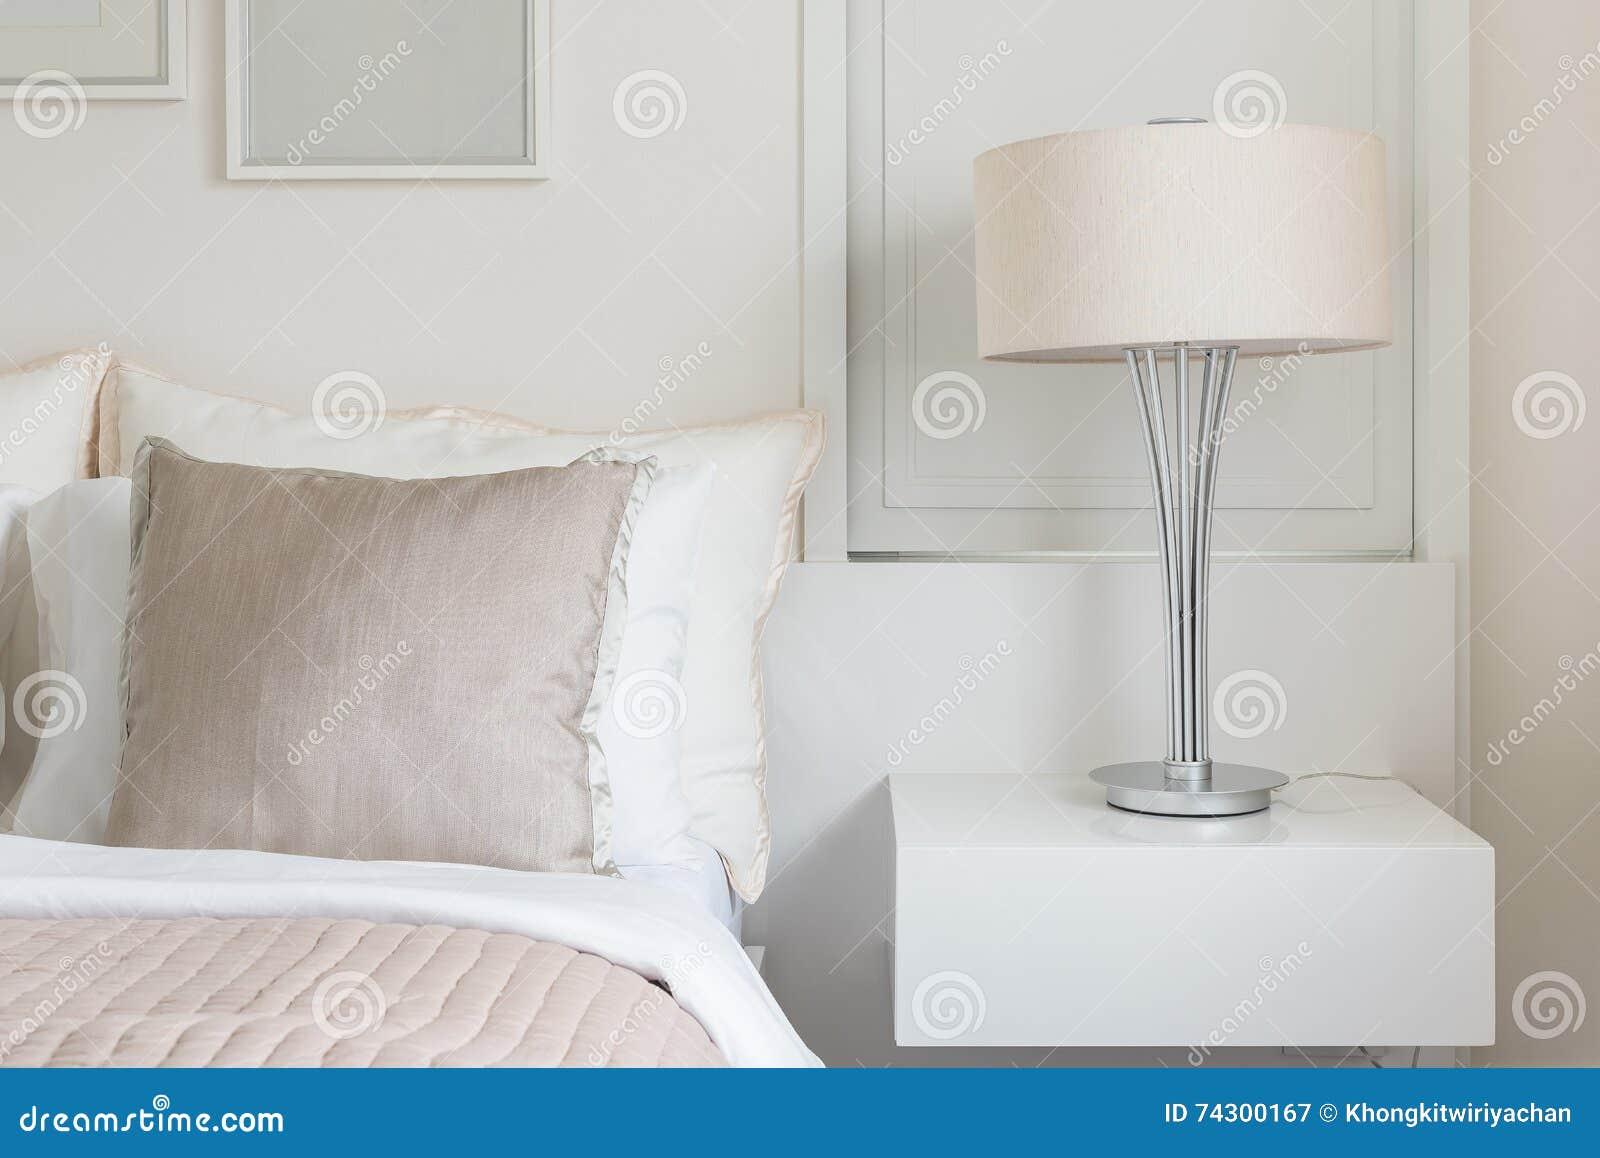 Moderne Lampe Auf Tabellenseite Mit Bilderrahmen Auf Wand Im